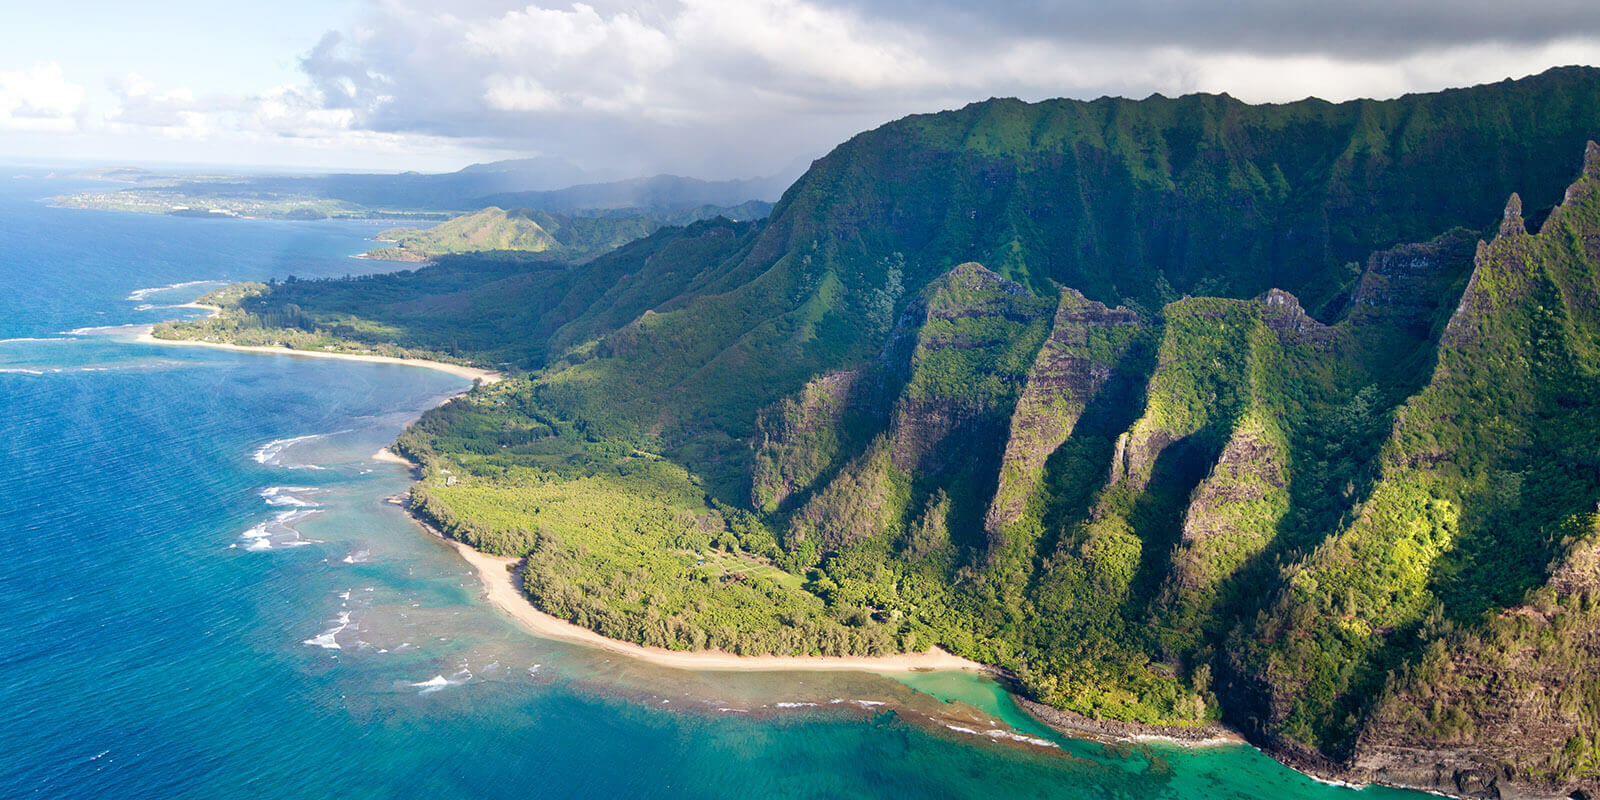 aerial view of kauai